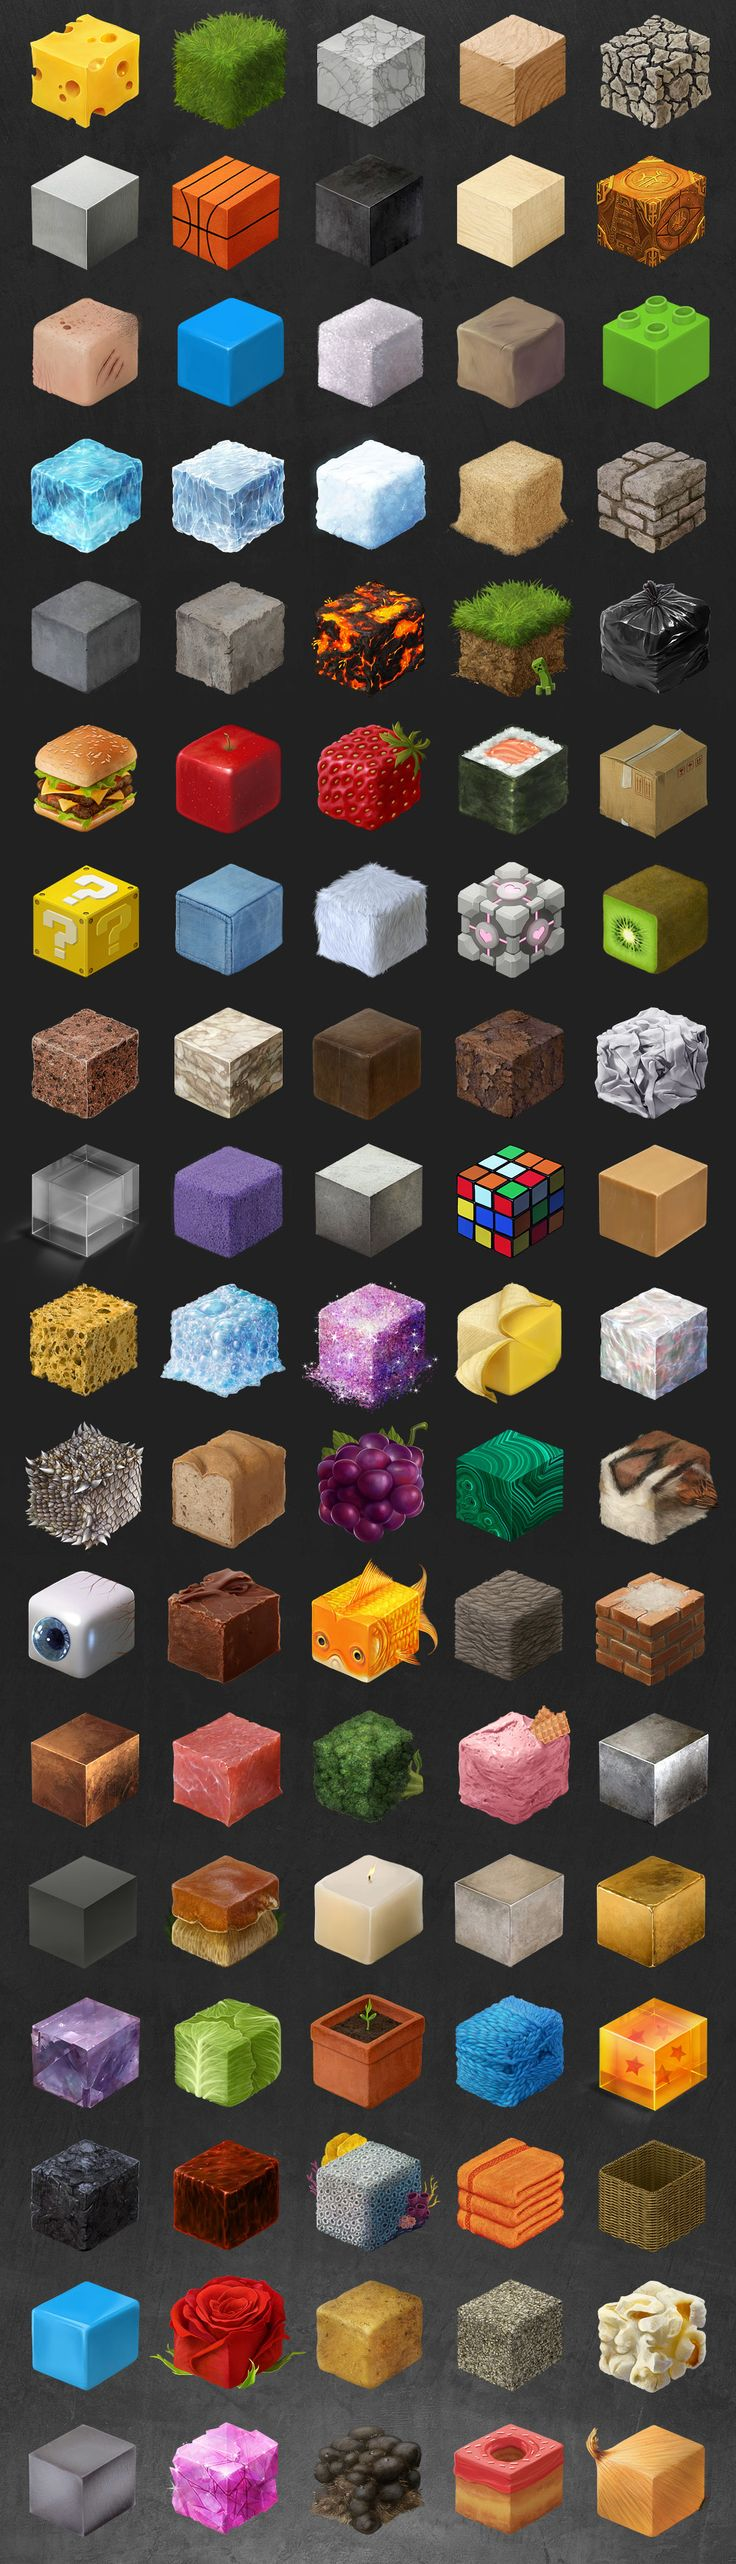 把東西通通變成正方形!100 個手繪紋理研究 | 大人物